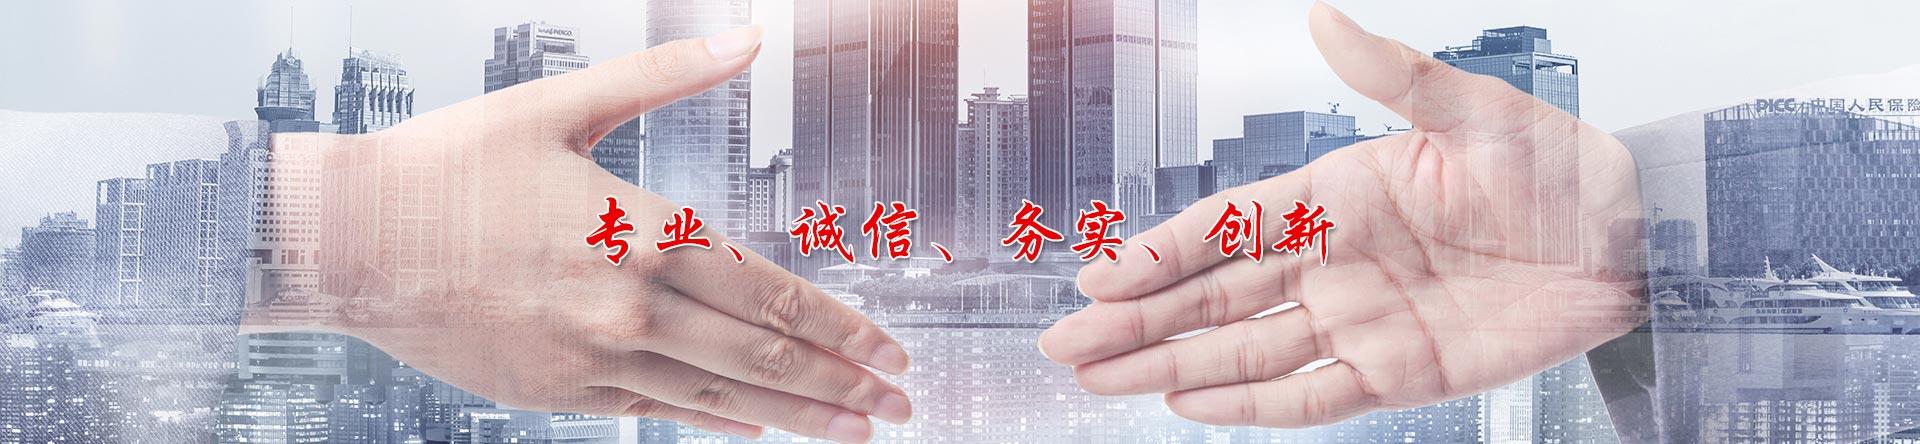 沧州兴龙合装饰工程有限公司